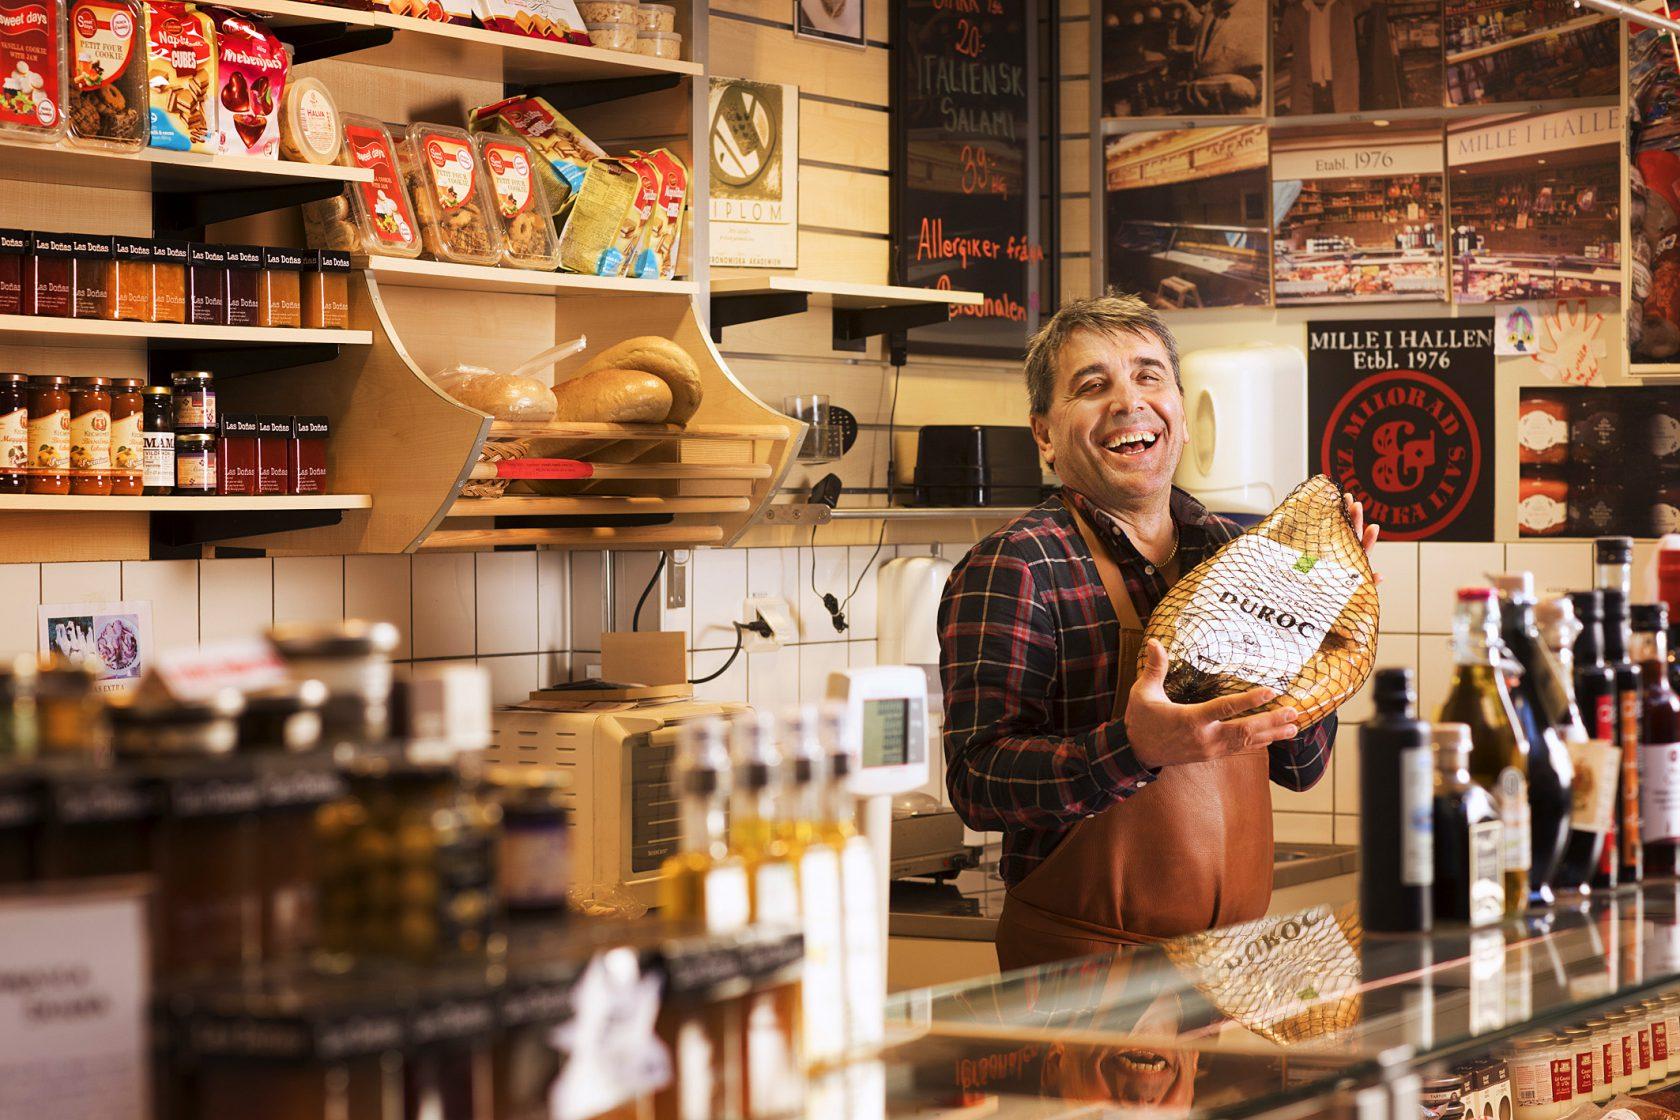 En skrattande man står bakom en butiksdisk och håller upp matprodukter.